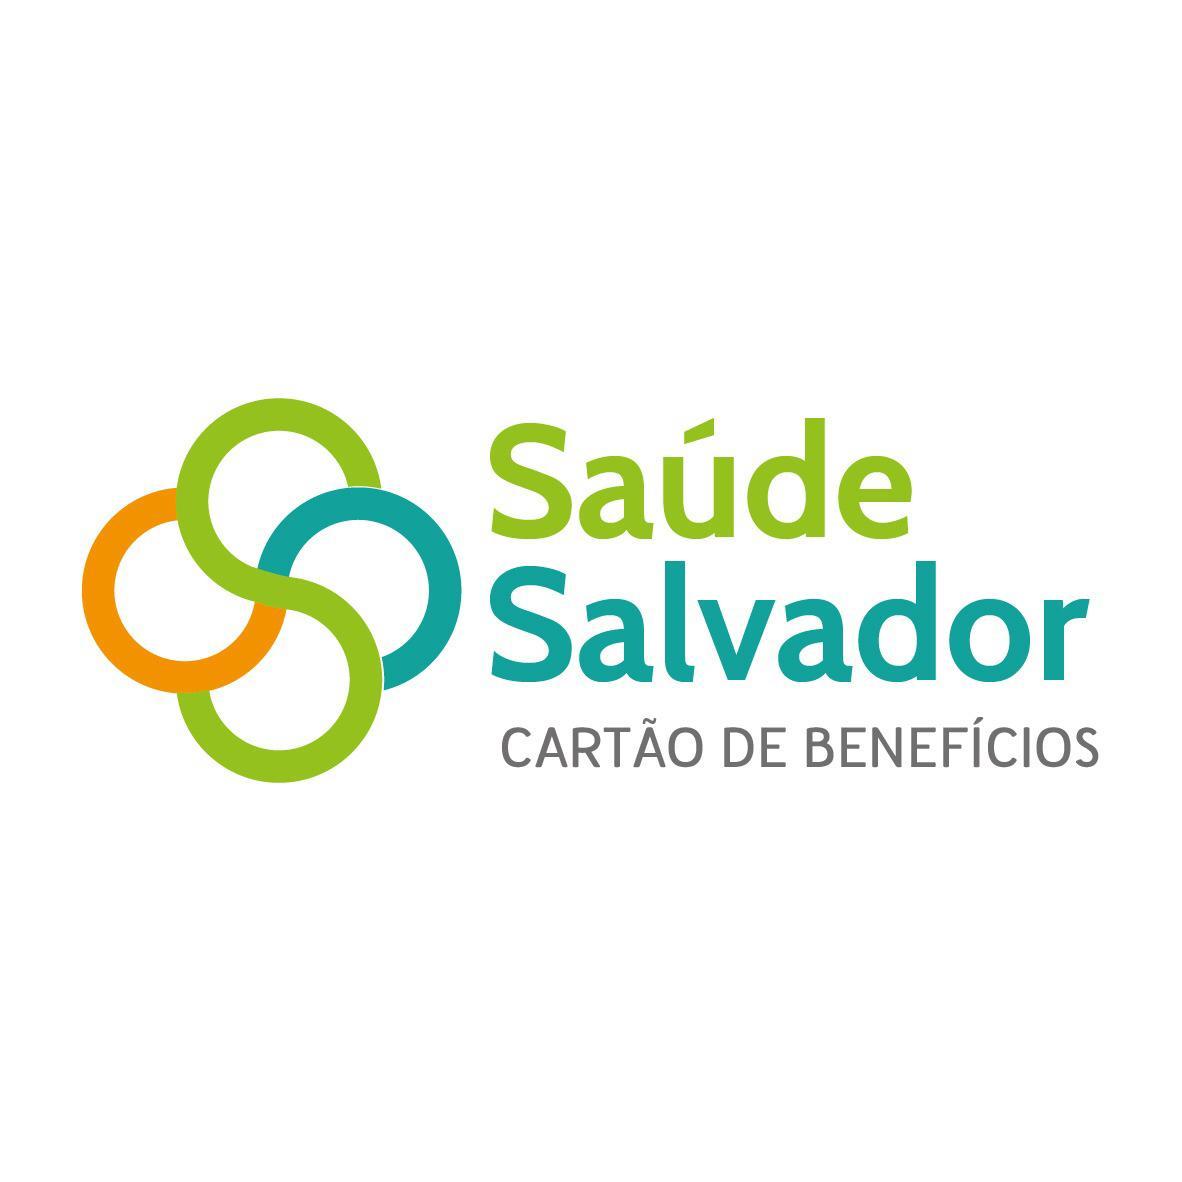 Cartão Saúde Salvador